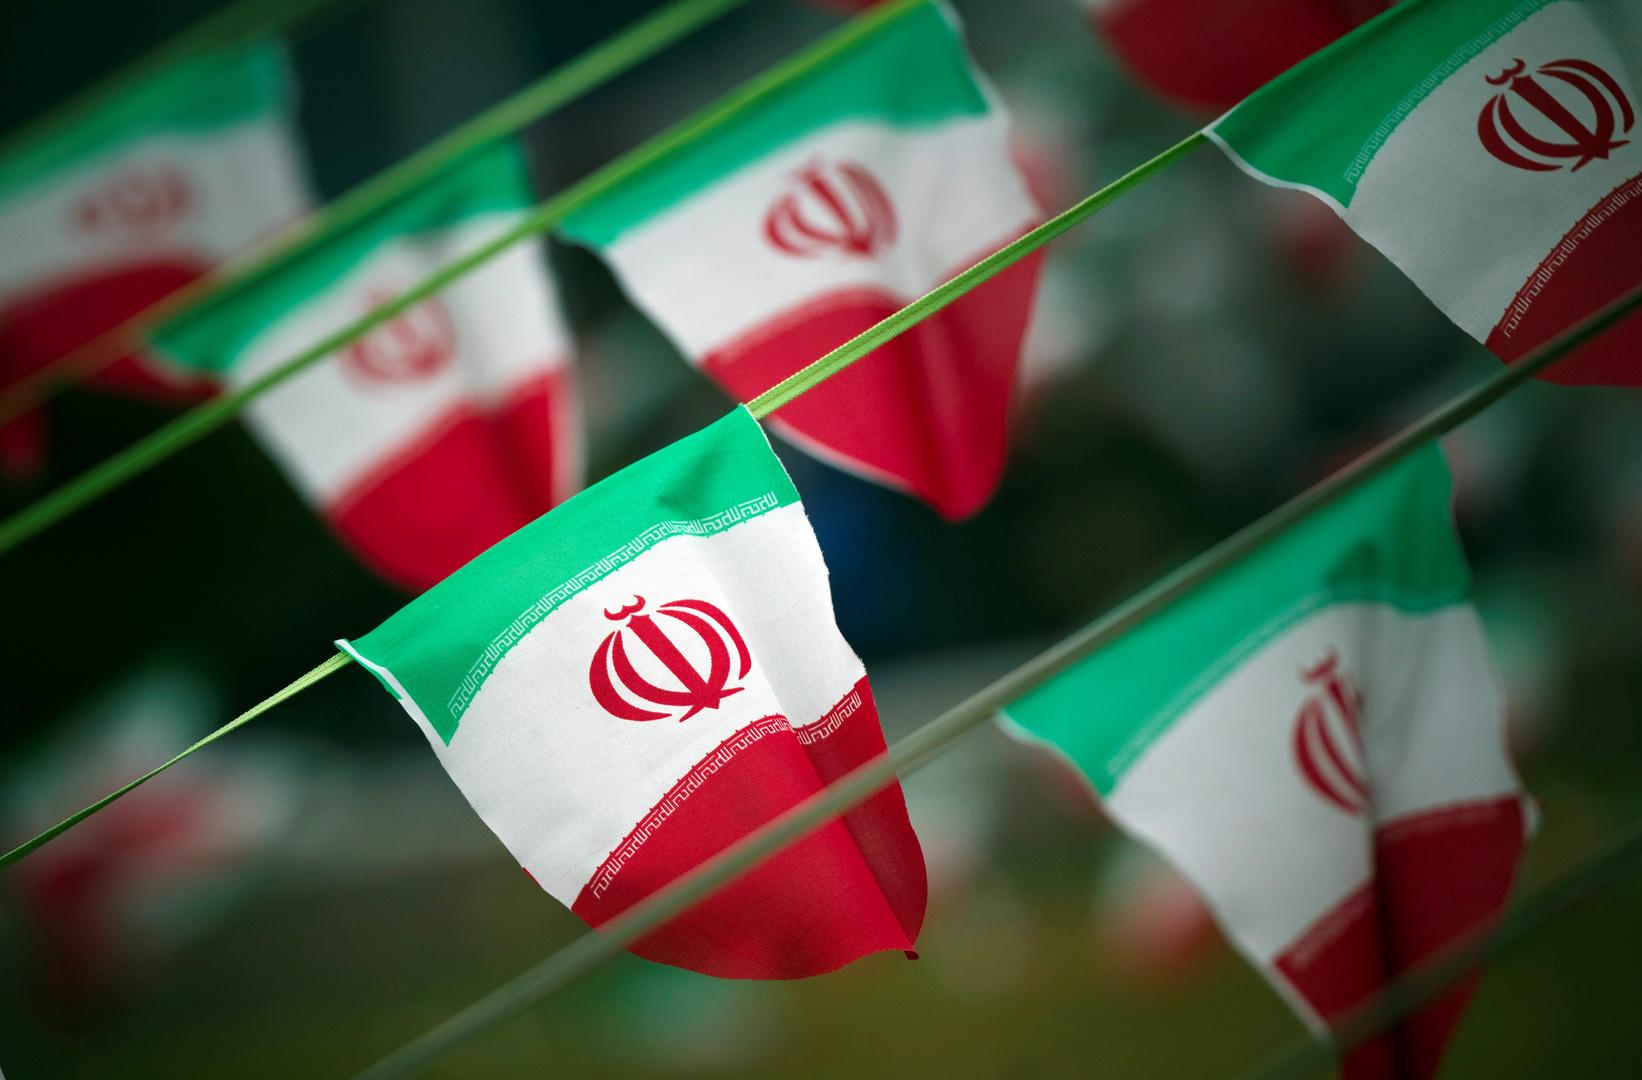 أعلام إيرانية